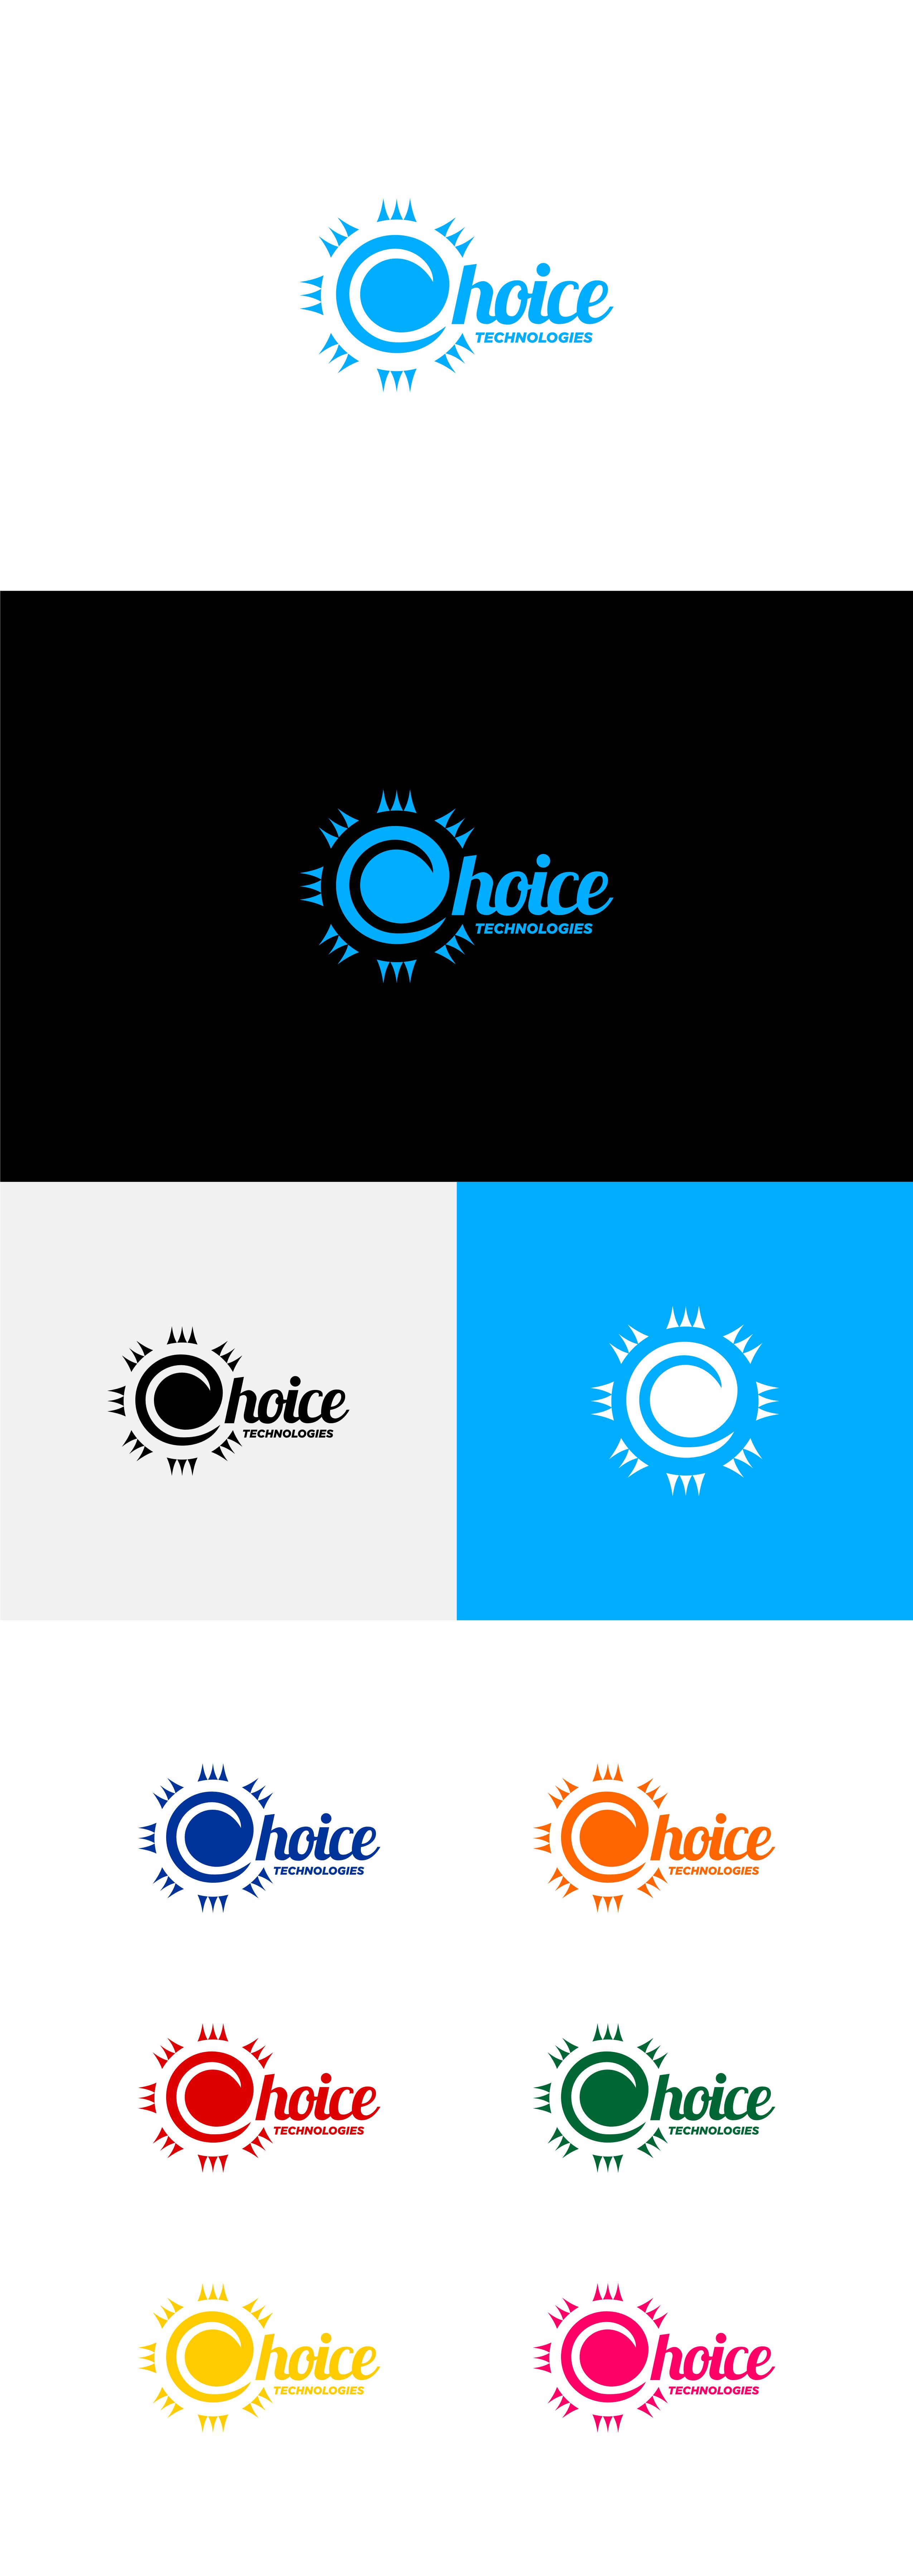 Create logo and website for New Hawaiian Technology company